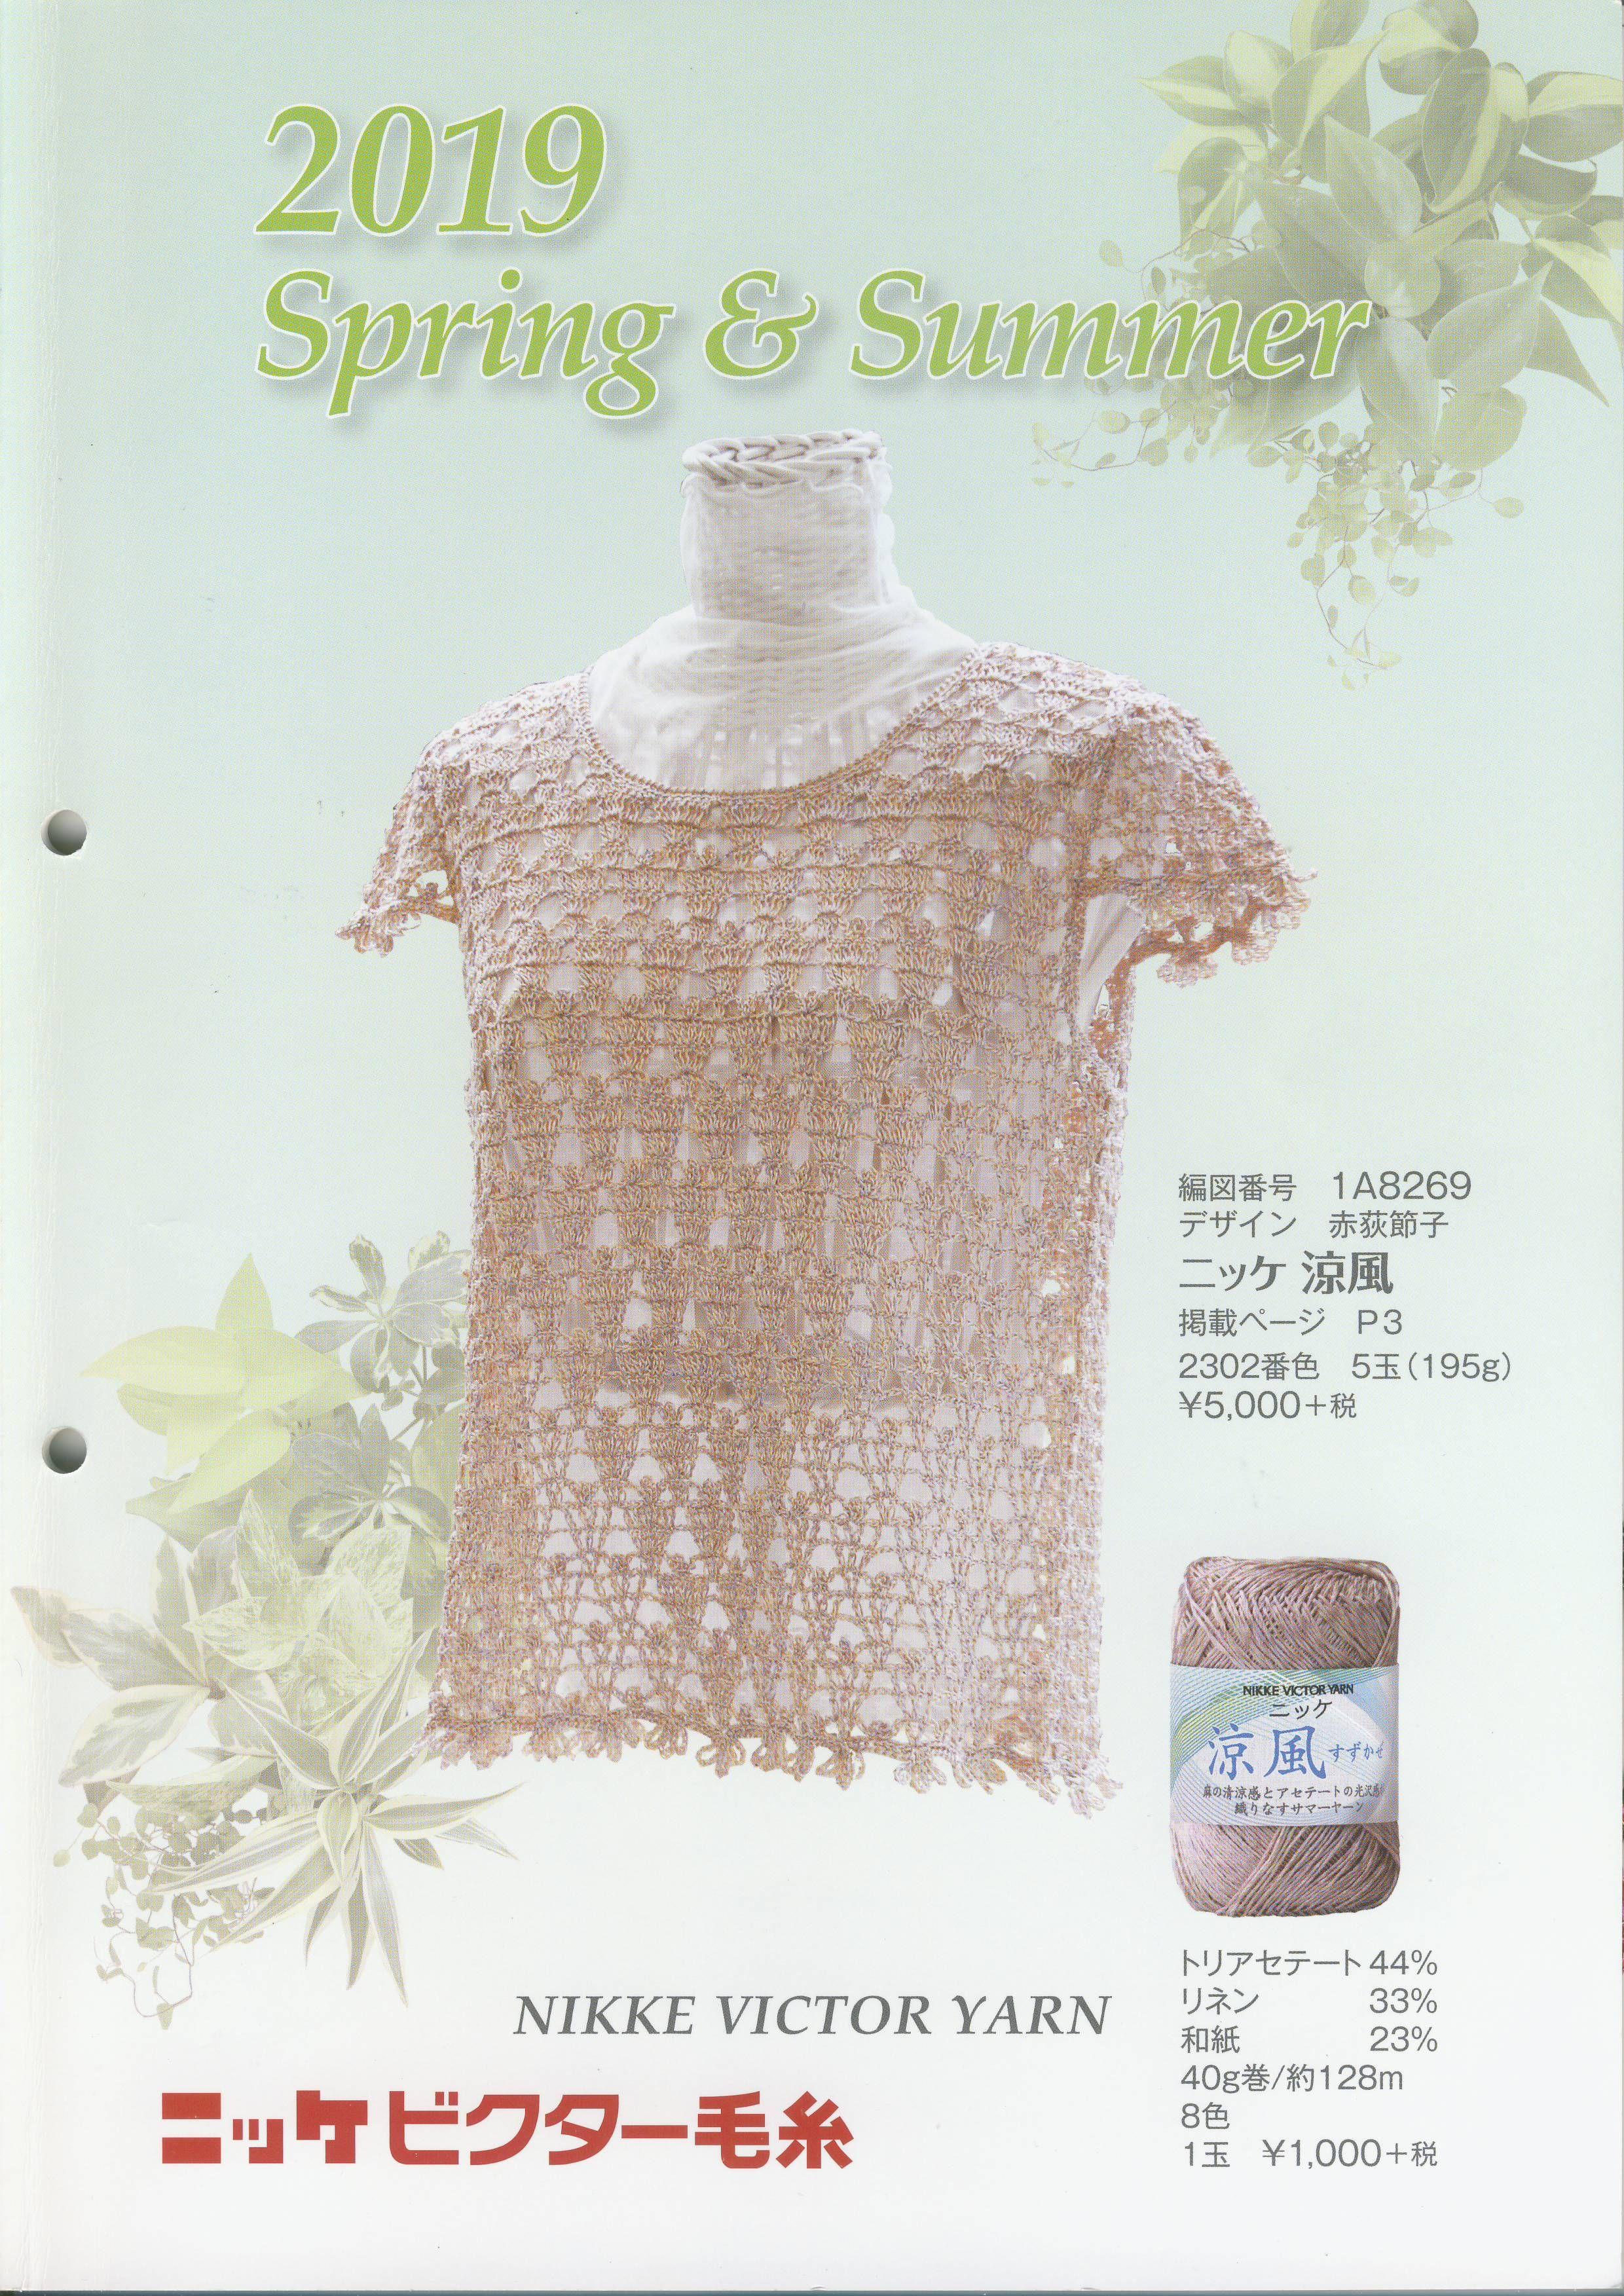 ニッケ (春夏糸)